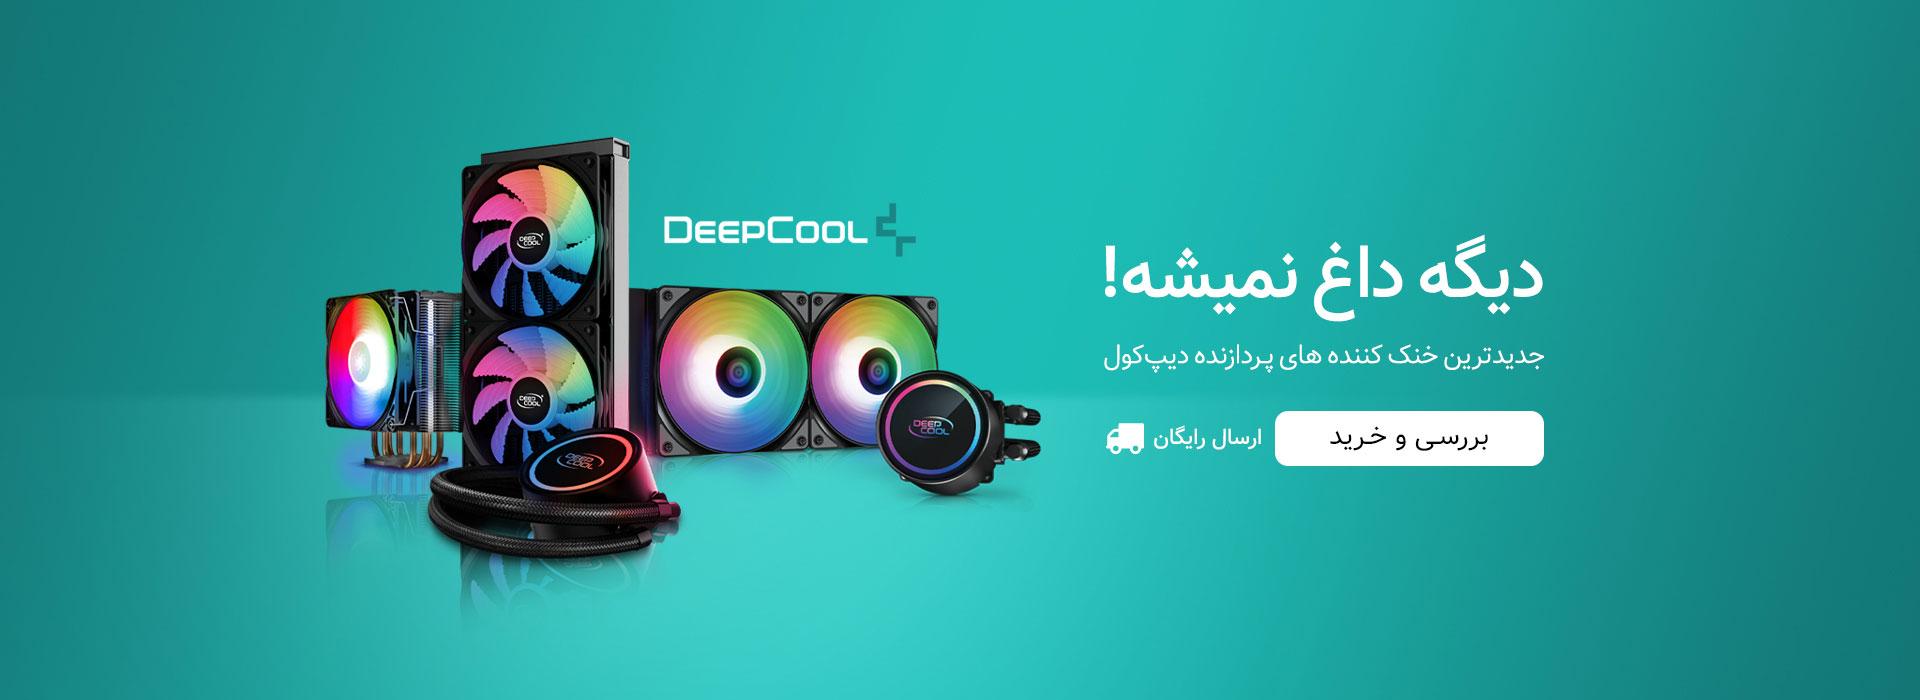 خنک کننده پردازنده deepcool